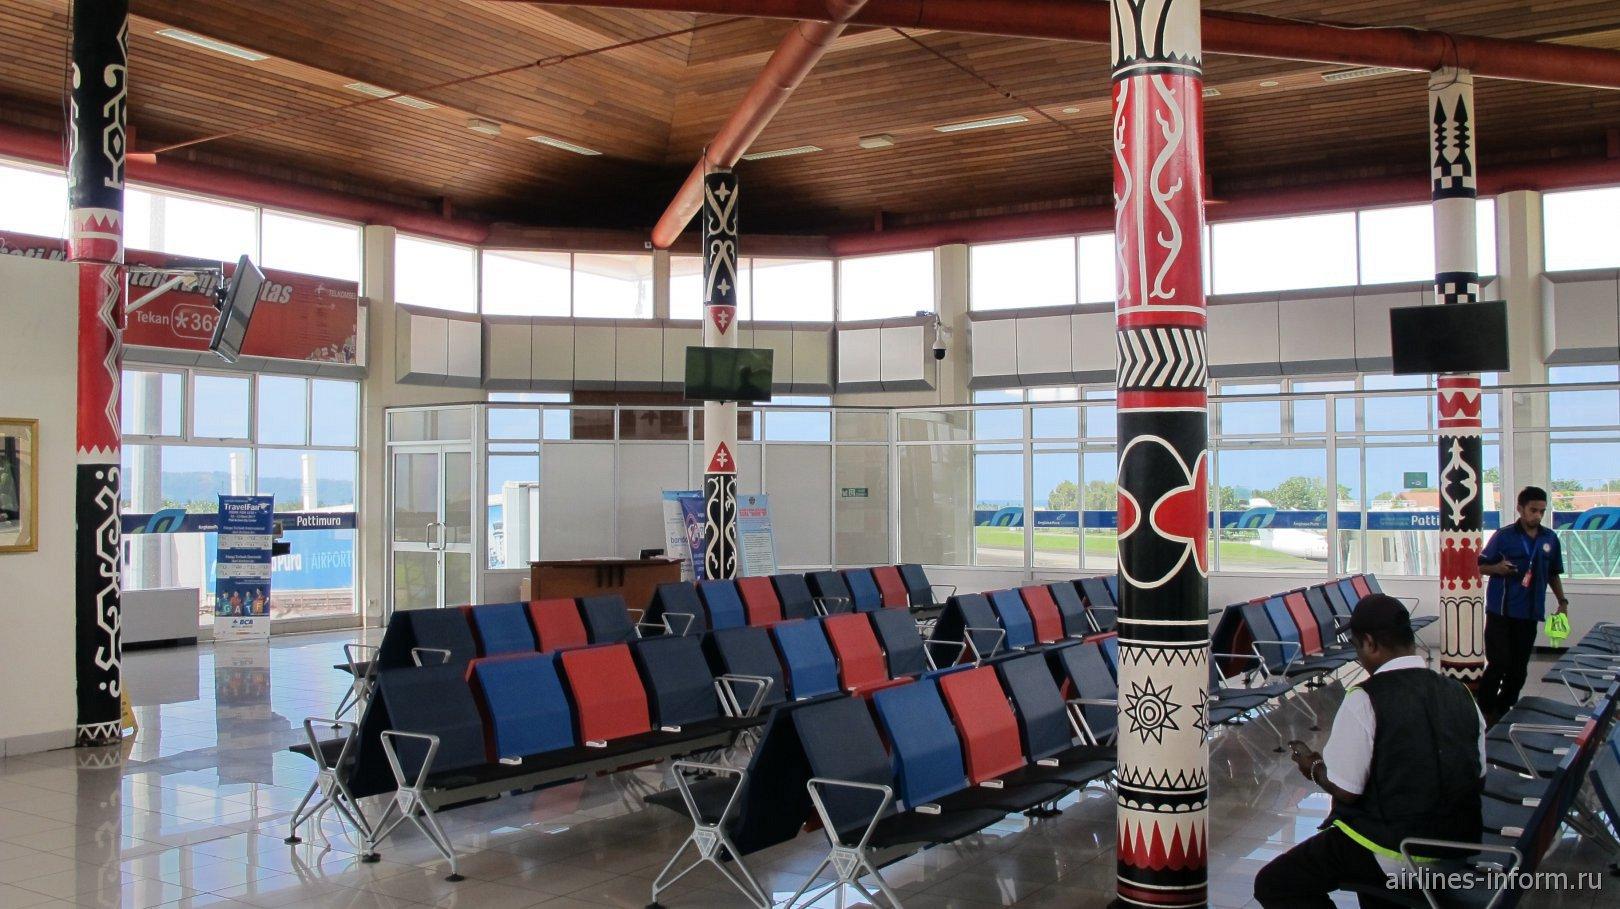 Зал ожидания на втором этаже стерильной зоны аэропорта Паттимура